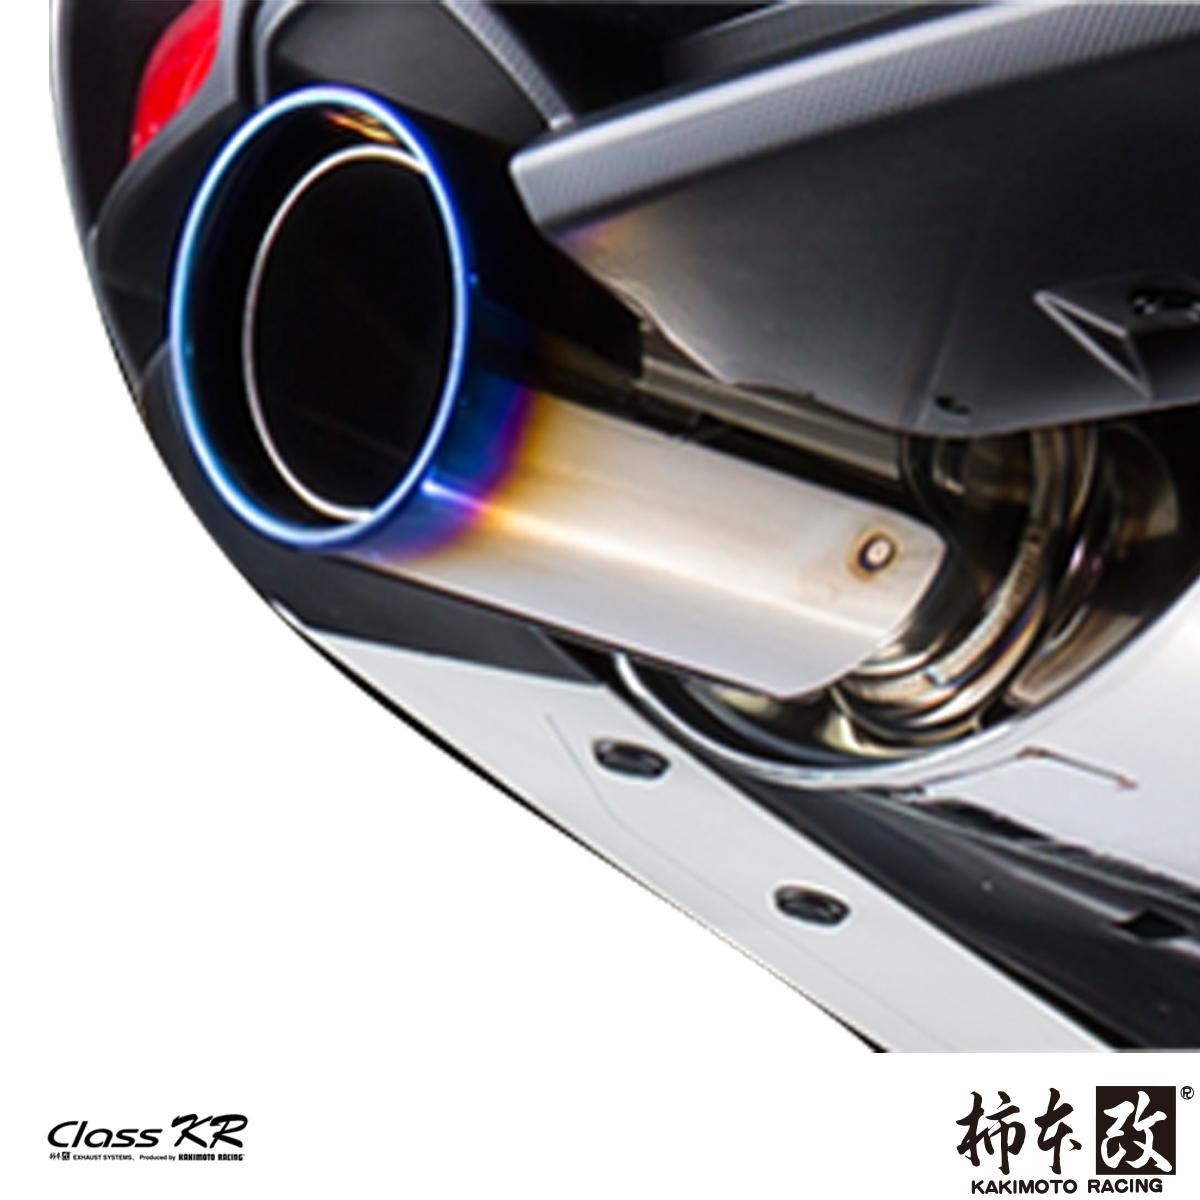 柿本 改 クラスKR フィット DBA-GK3 マフラー 品番:H71395 KAKIMOTO RACING Class KR 条件付き送料無料